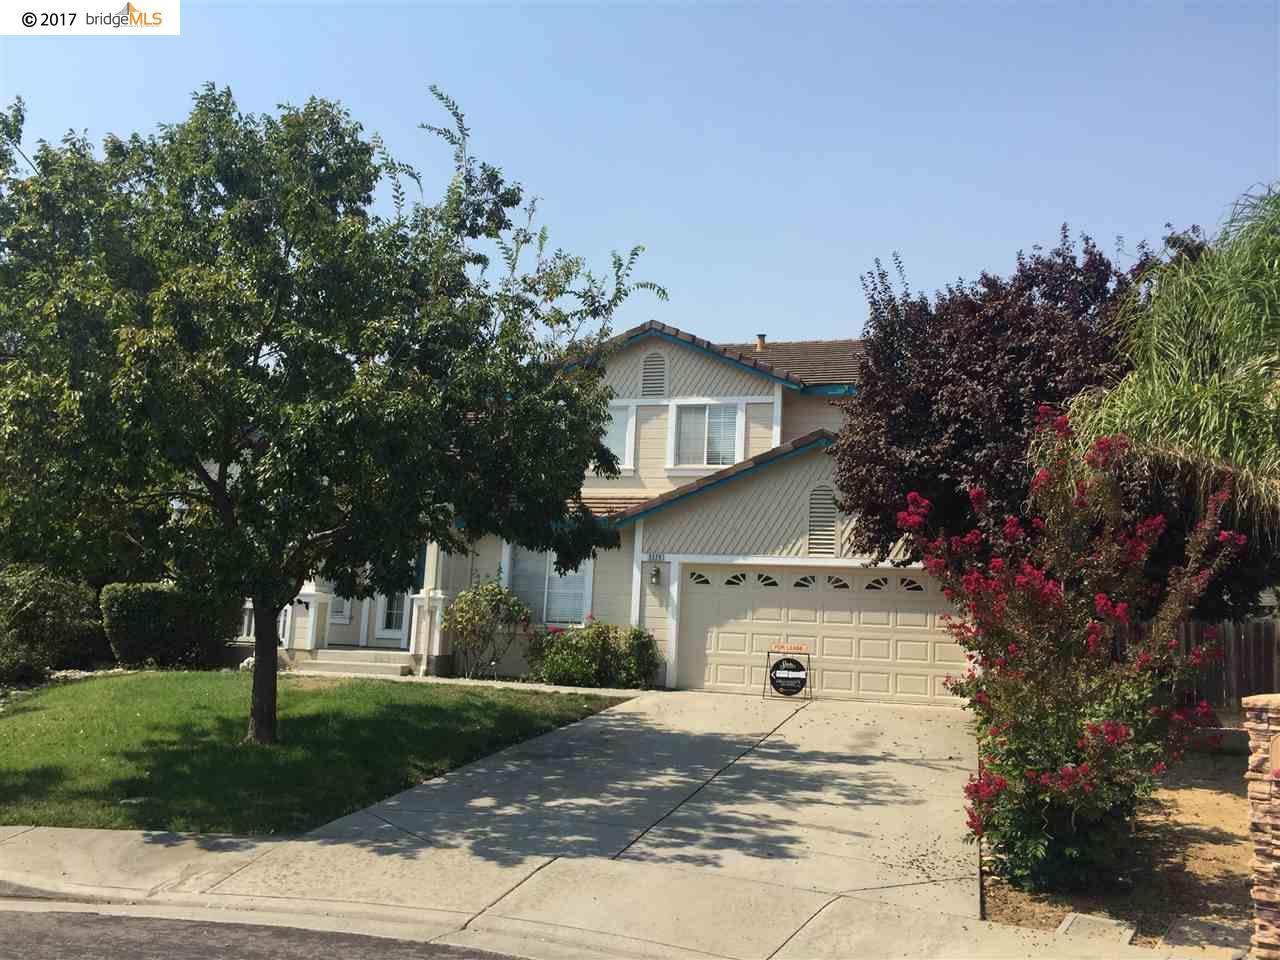 Maison unifamiliale pour l à louer à 5220 CHINOOK Court 5220 CHINOOK Court Antioch, Californie 94531 États-Unis